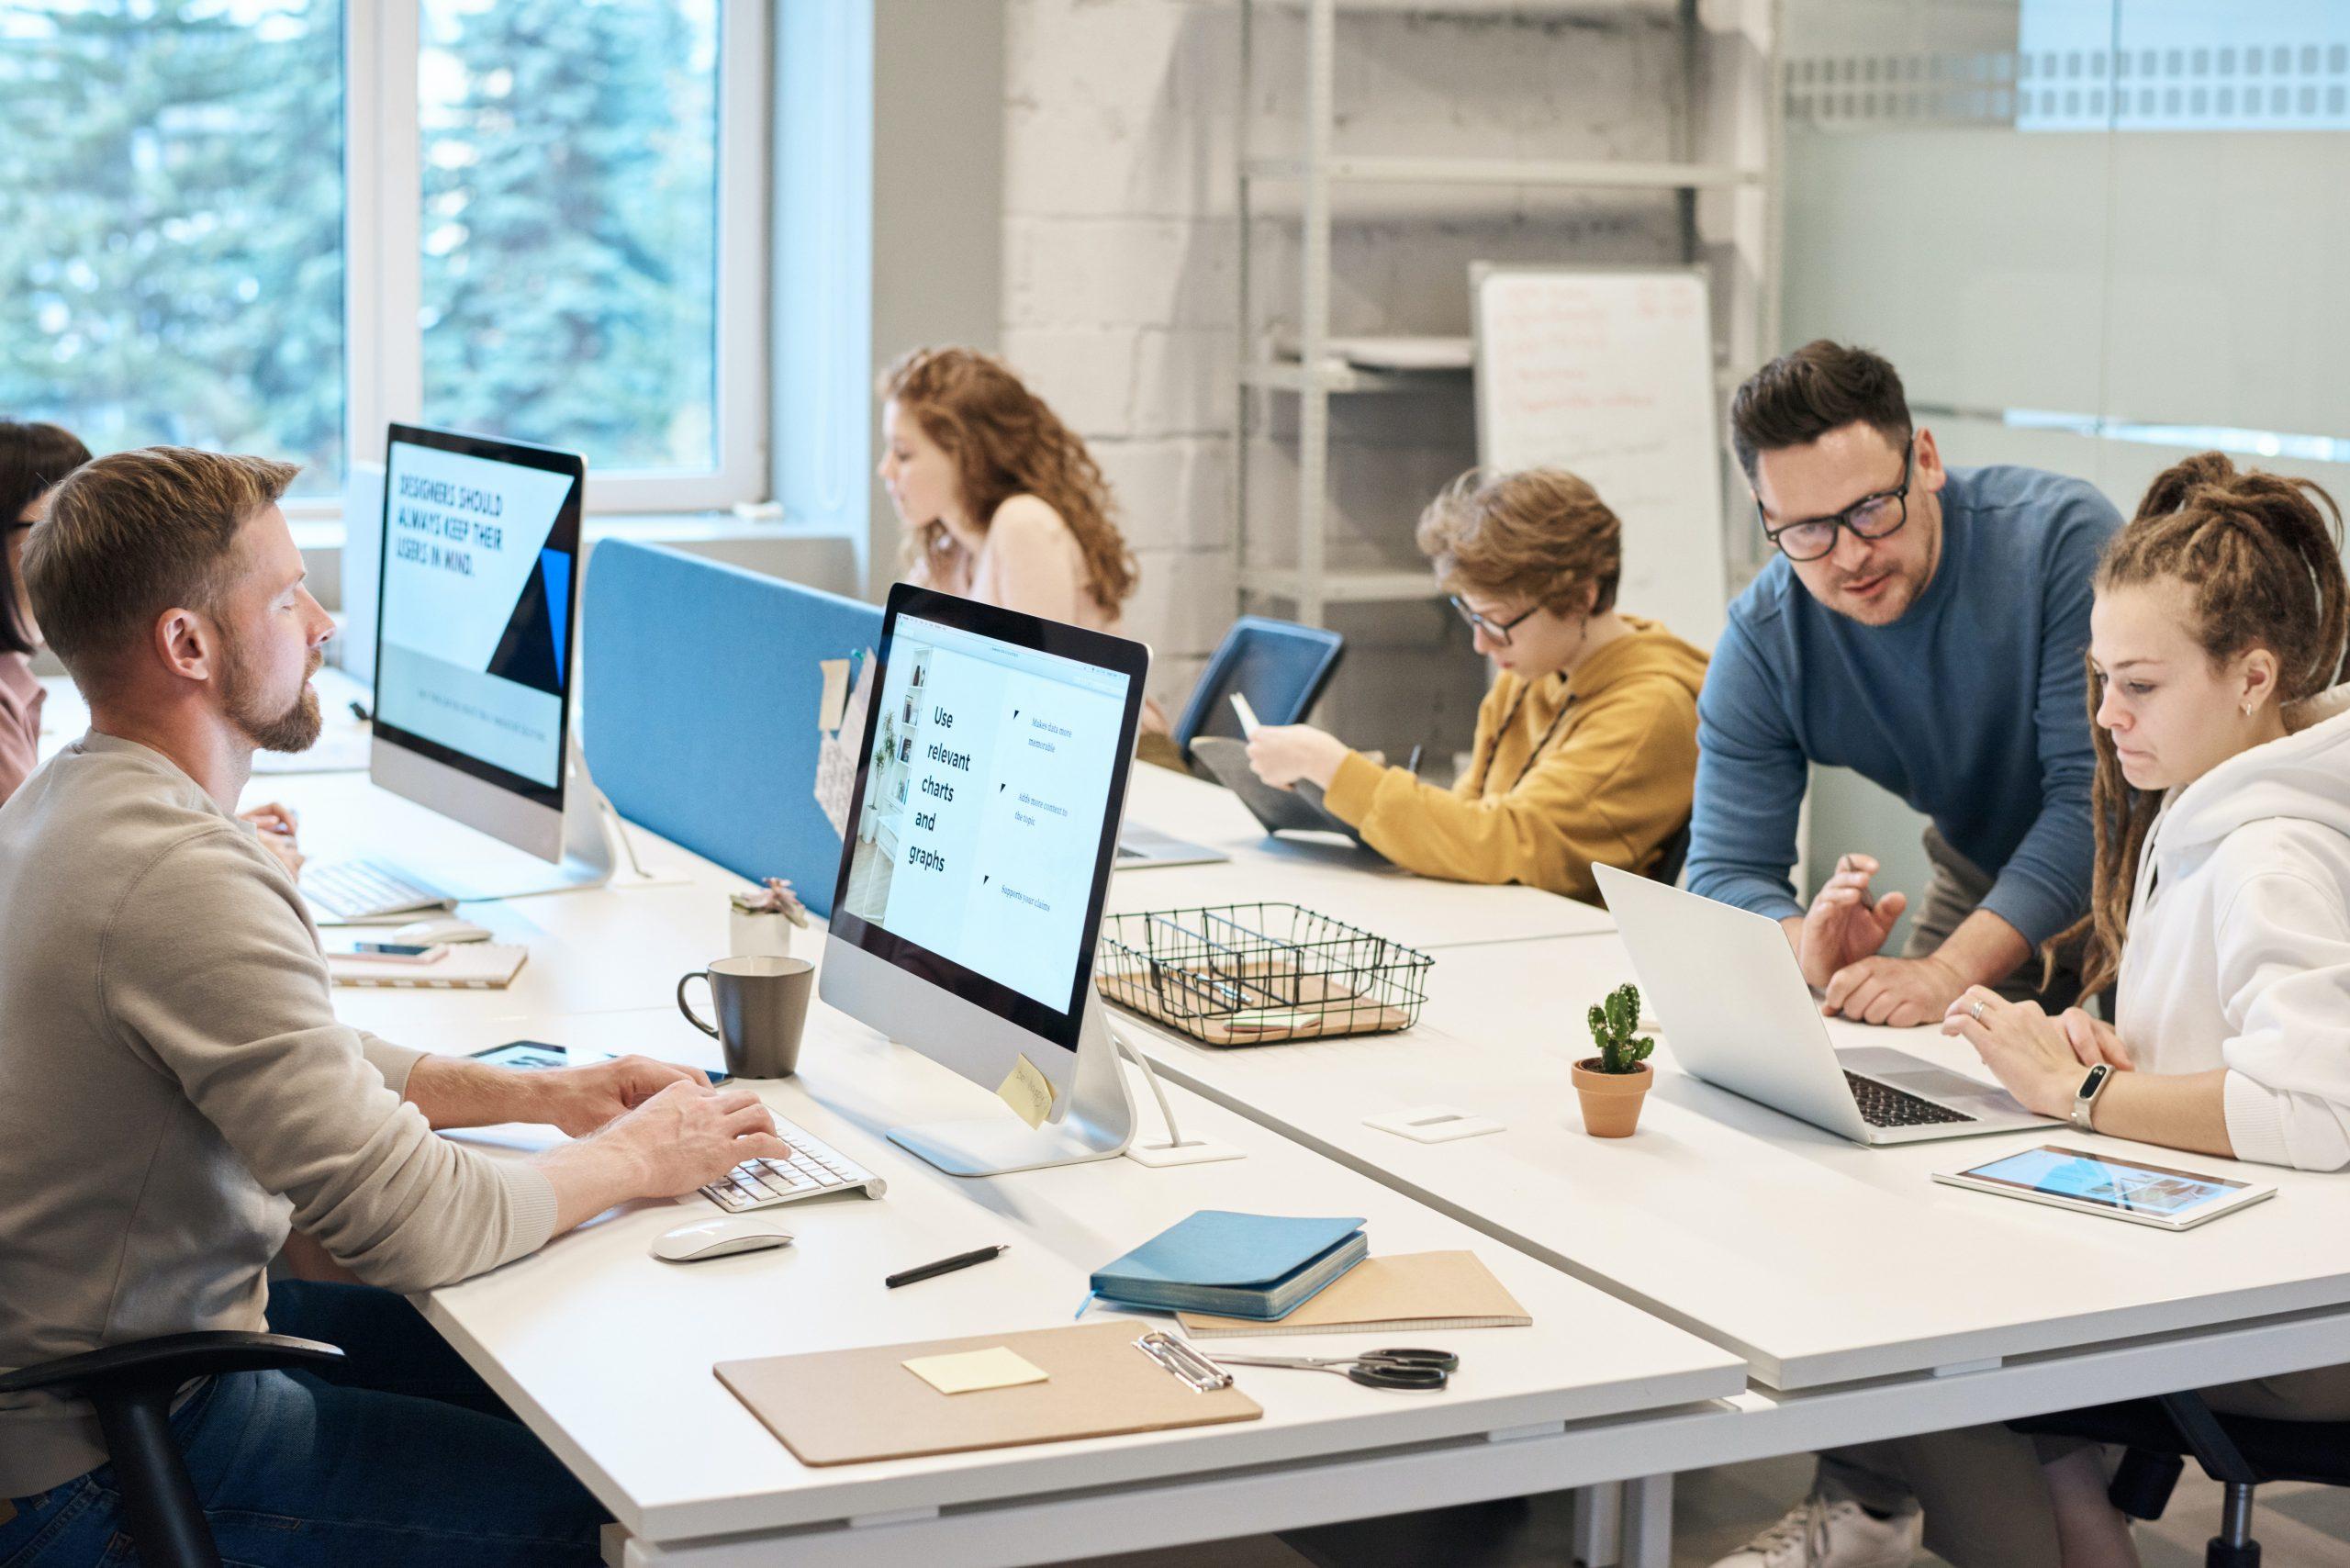 Equipo documentándose y dialogando frente a los ordenadores de su oficina